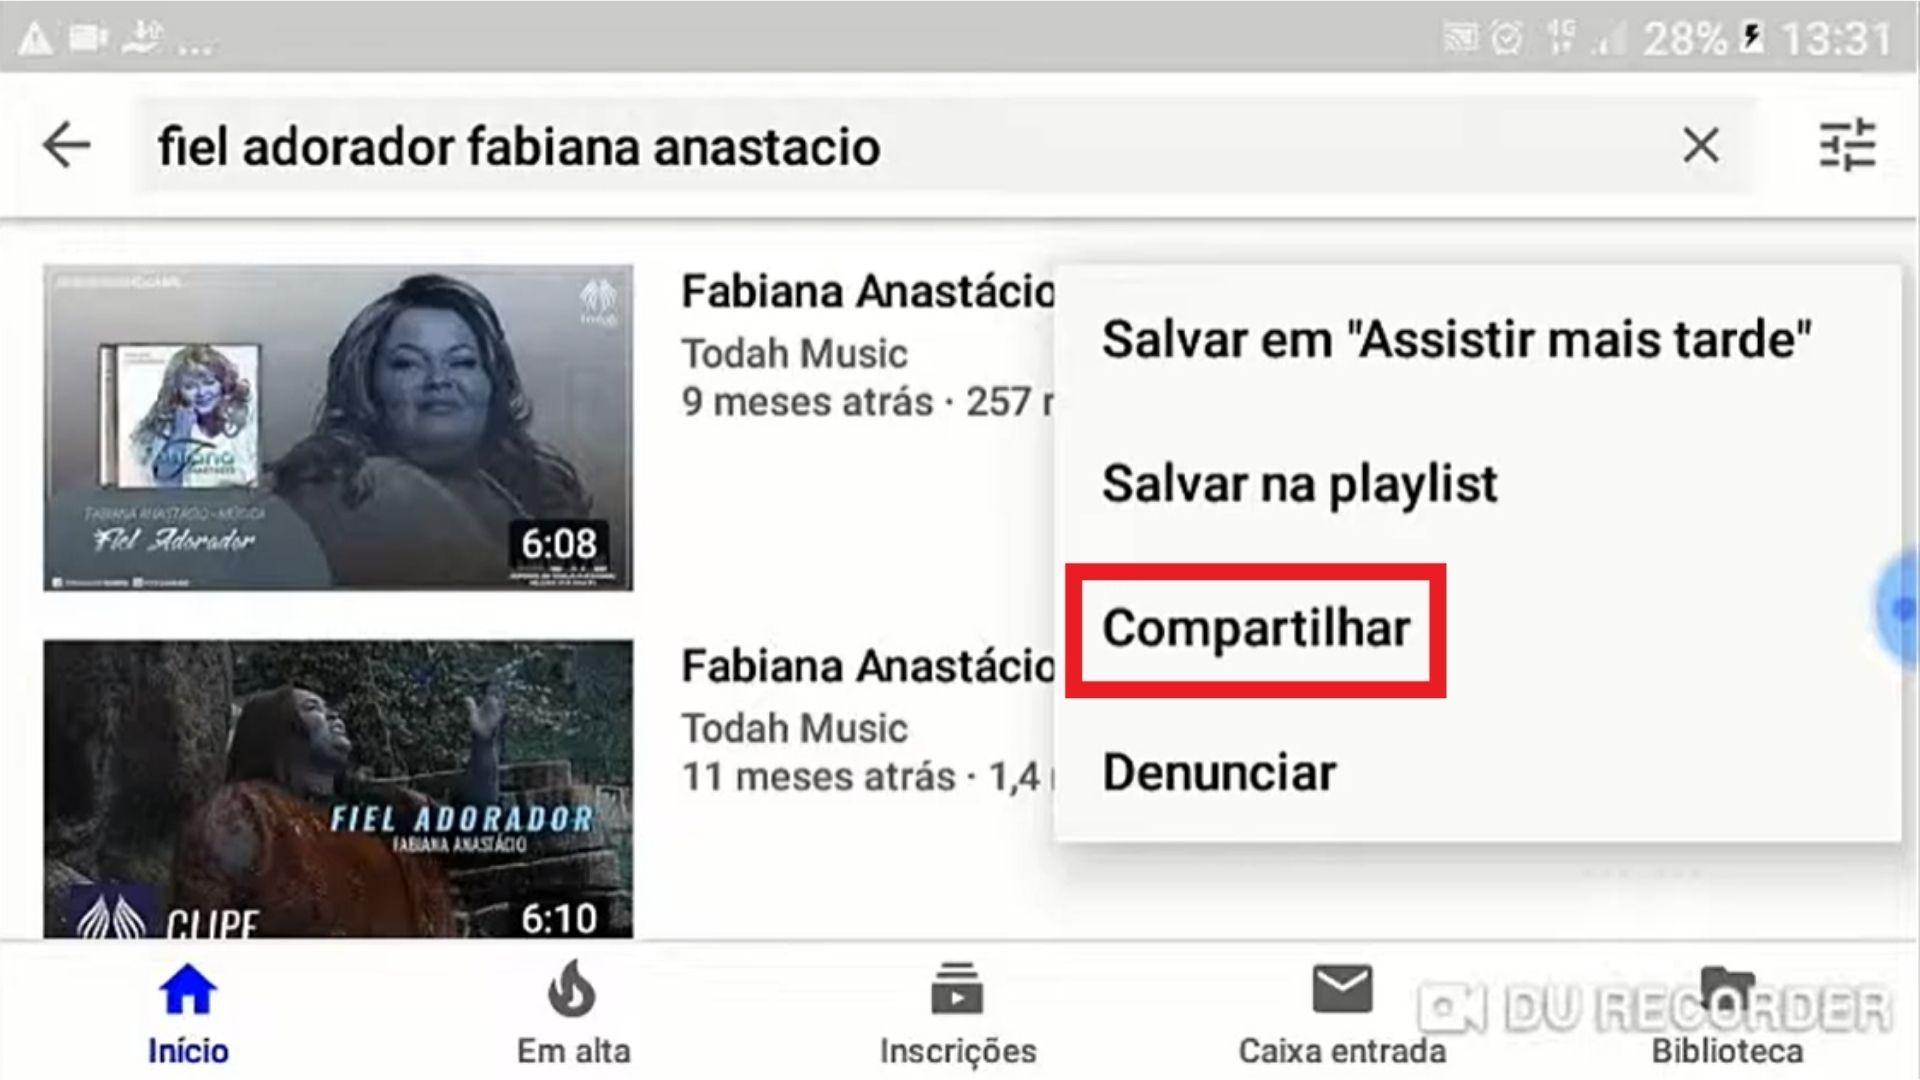 Tela de busca do YouTube com vídeos da Fabiana Anastácio e palavra compartilhar destacada em vermelho